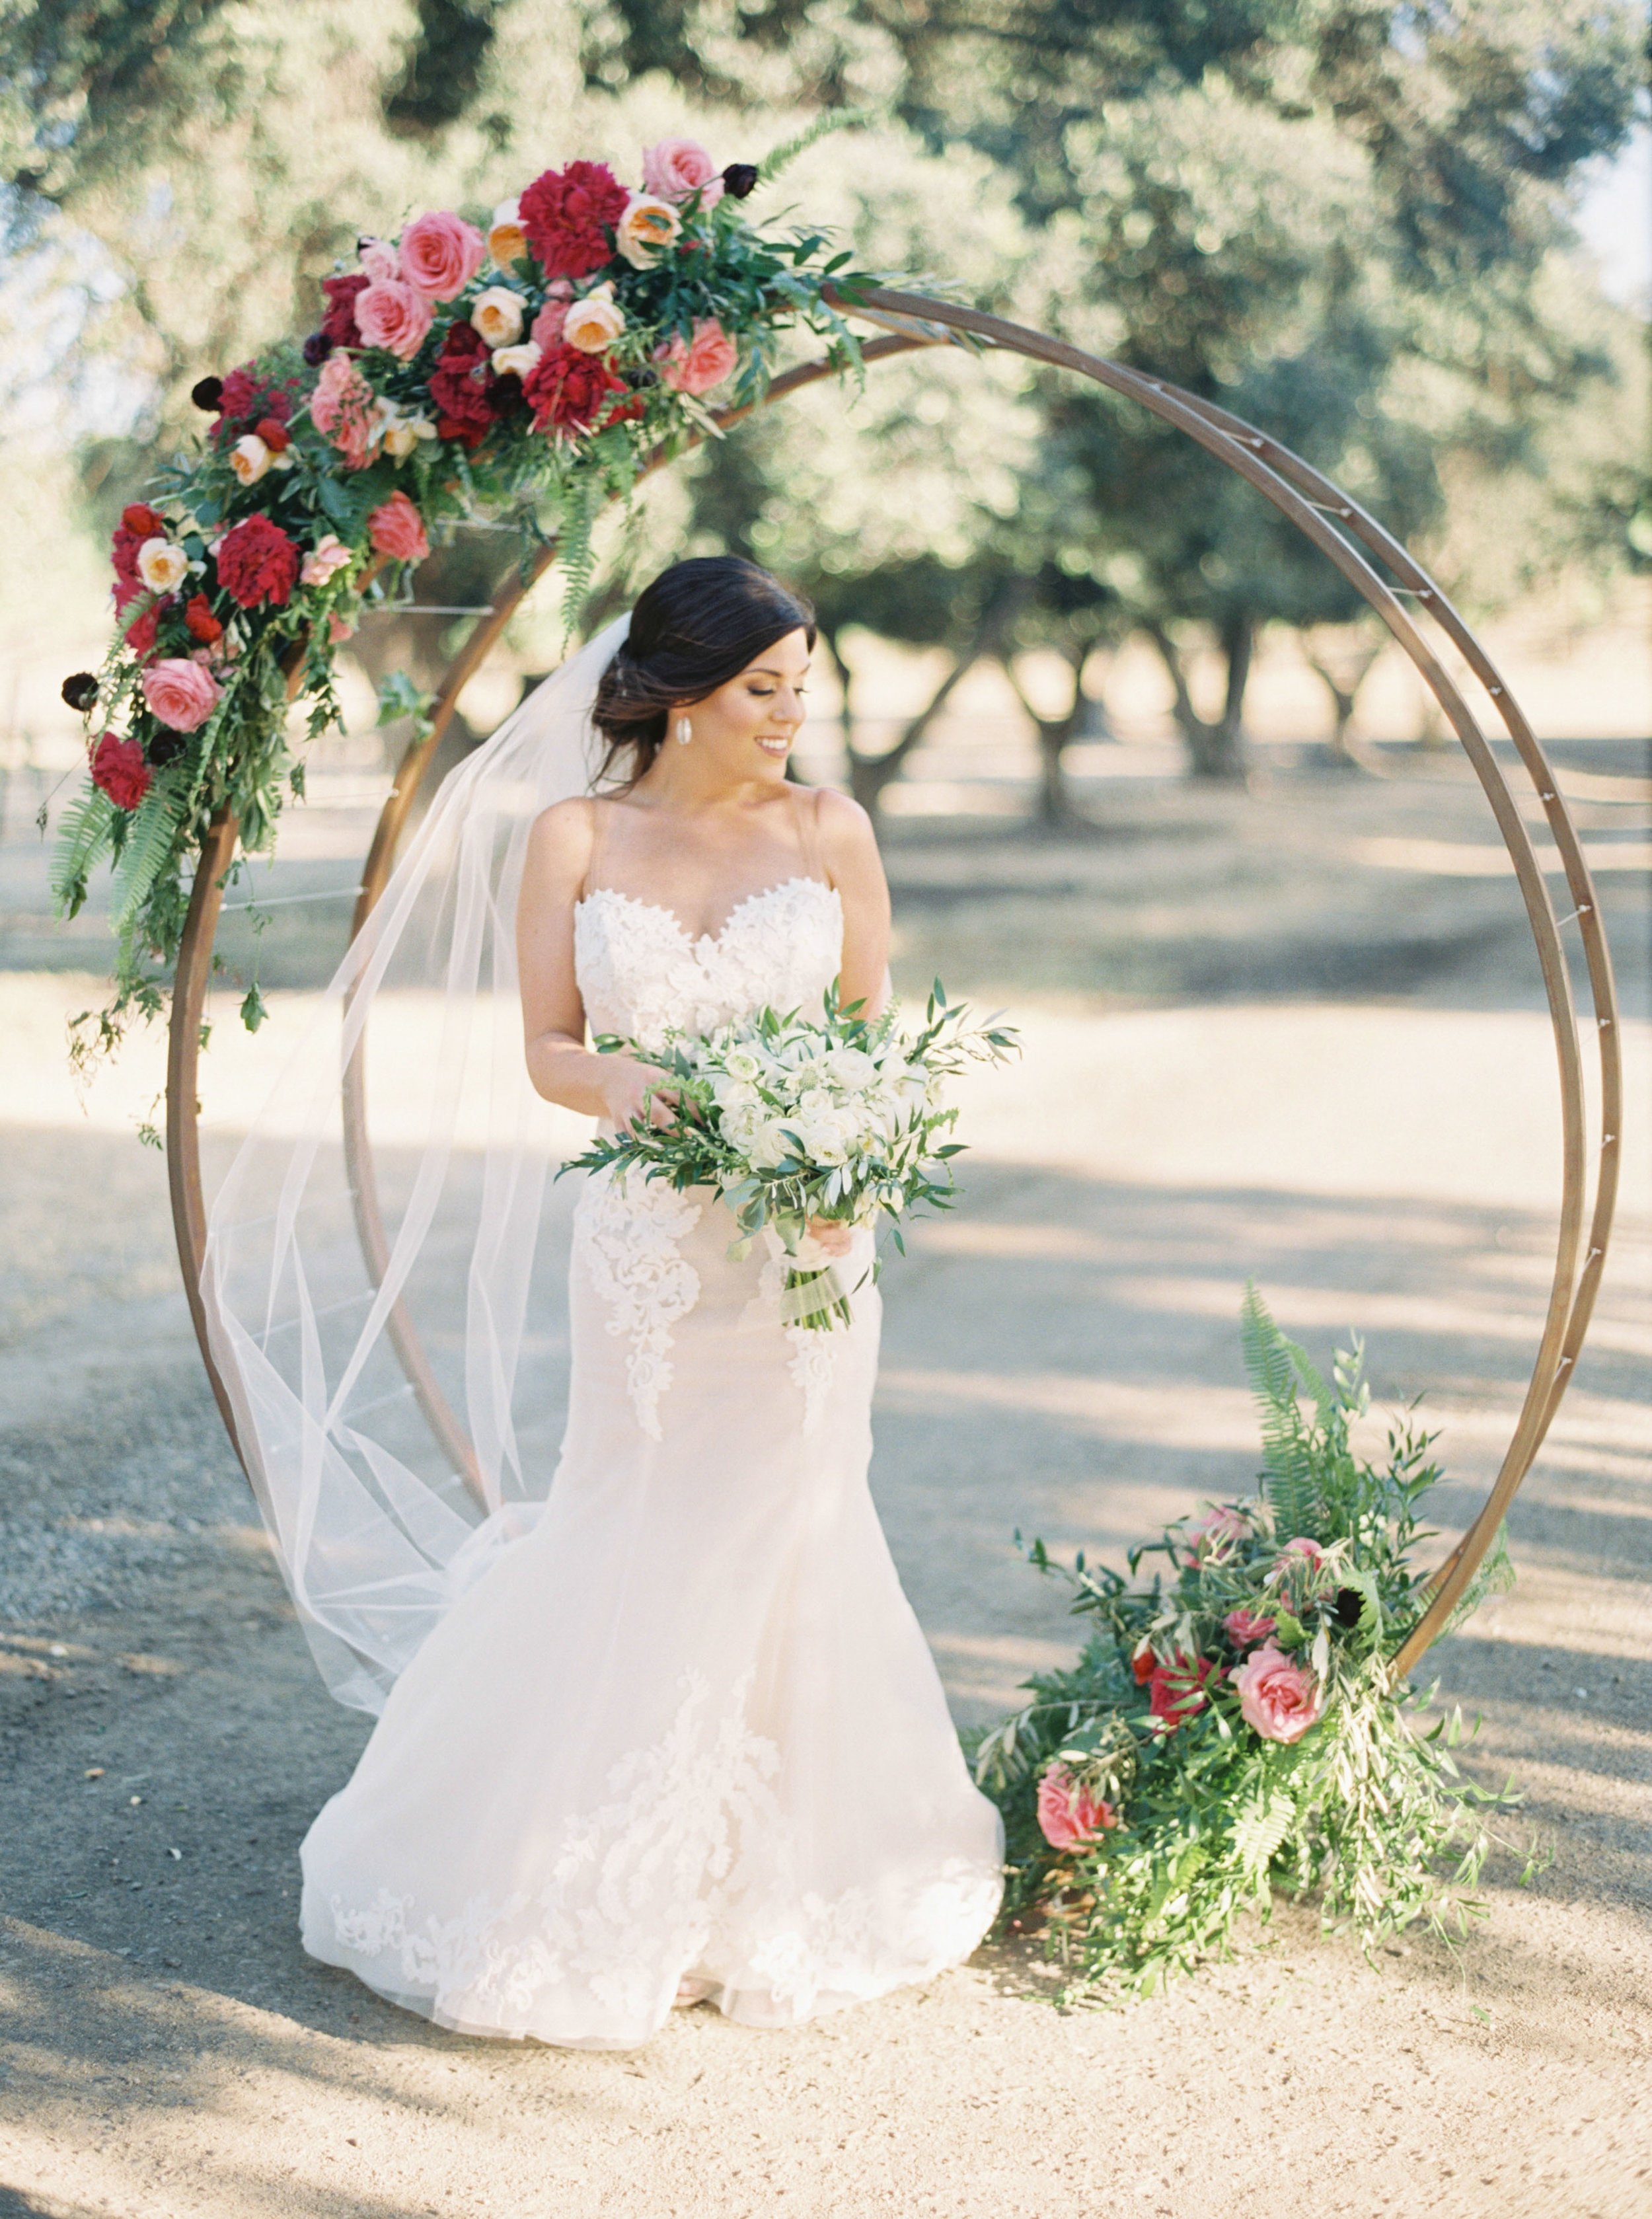 This-Love-of-Yours-Lauren-and-Ryan-Wedding-308.jpg